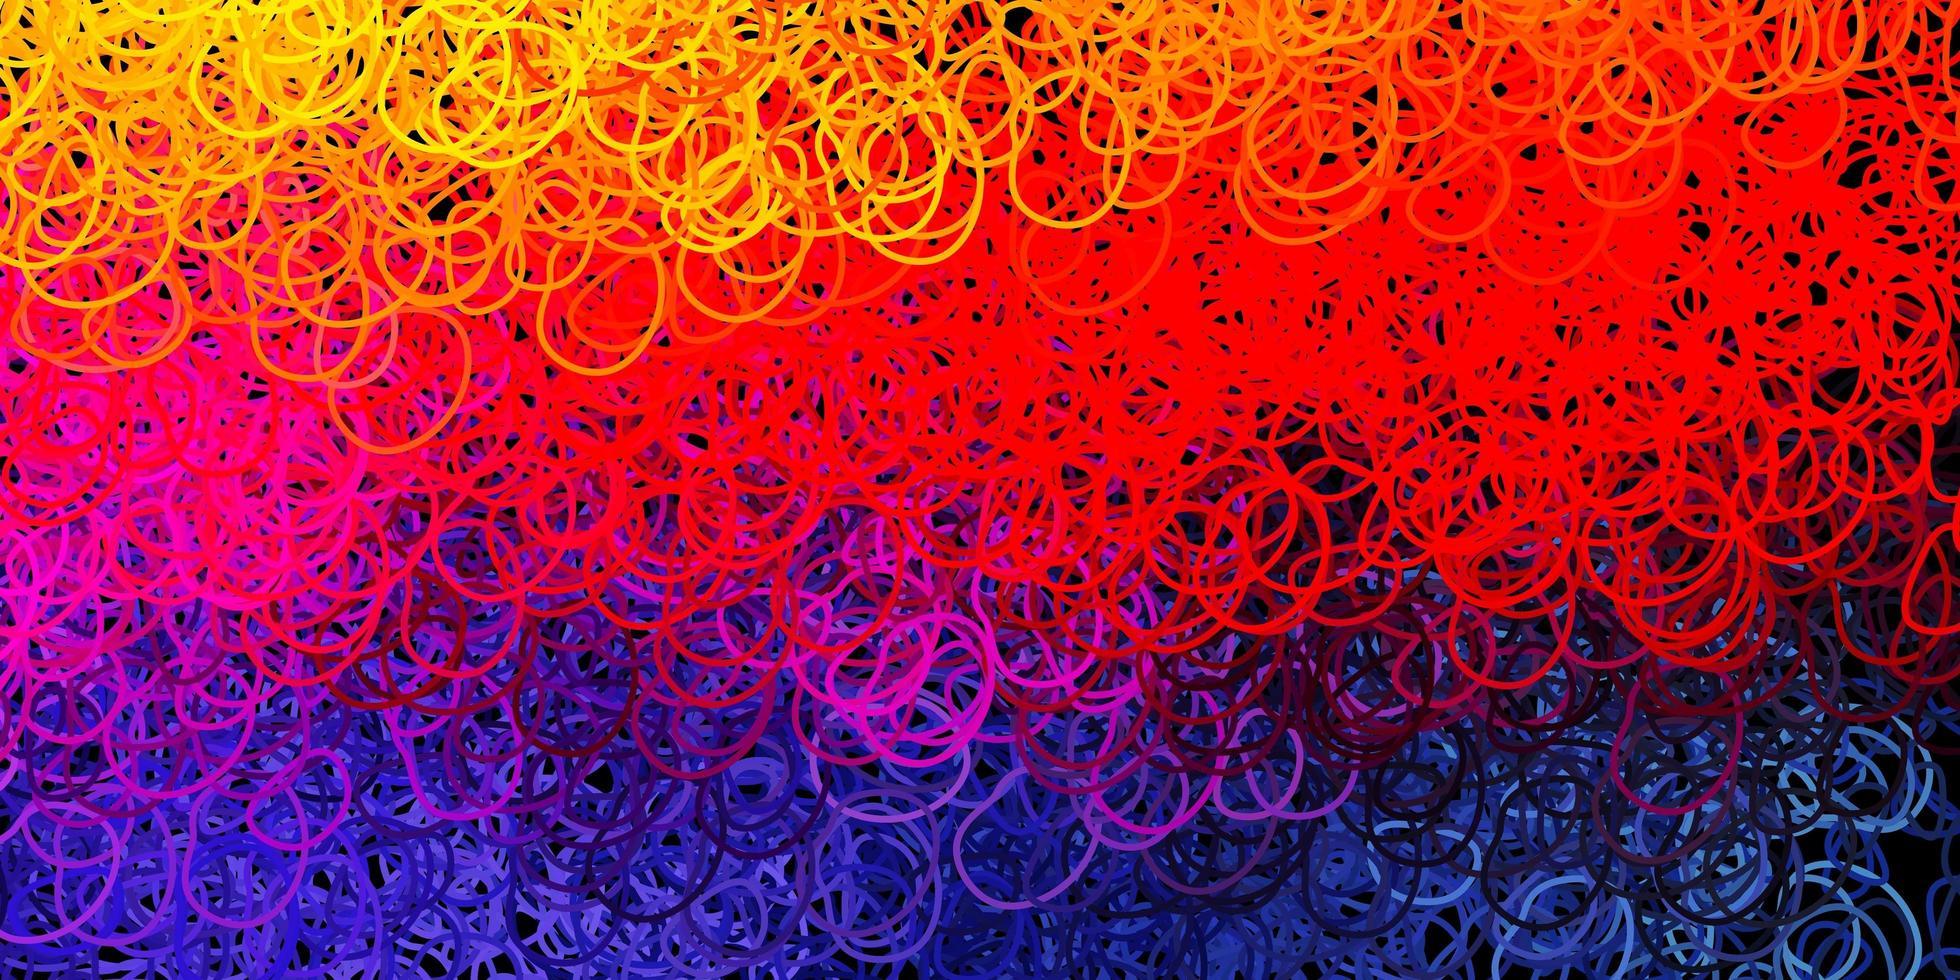 mörkrosa, gul vektorbakgrund med kaotiska former. vektor